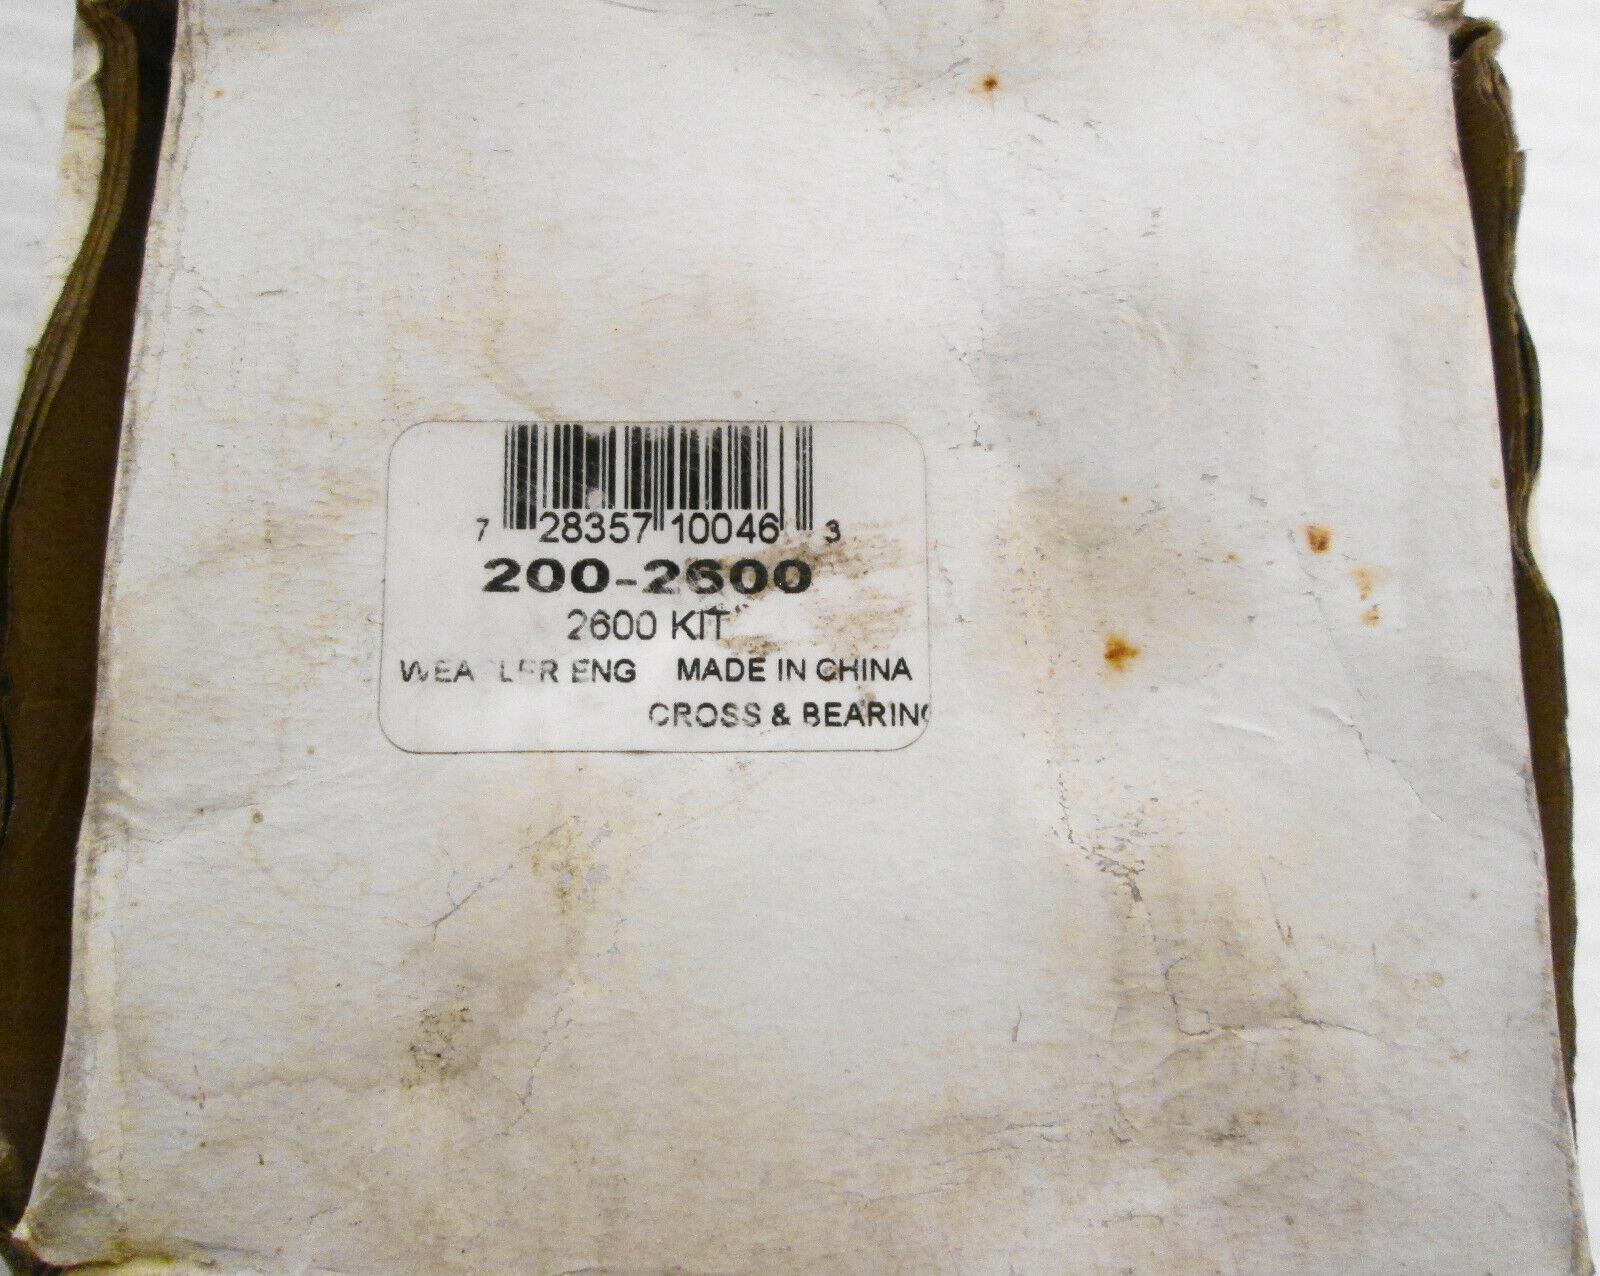 AG UNIVERSAL IMPLEMENT PTO 2600 CROSS /& BEARING KIT WEASLER 200-2600